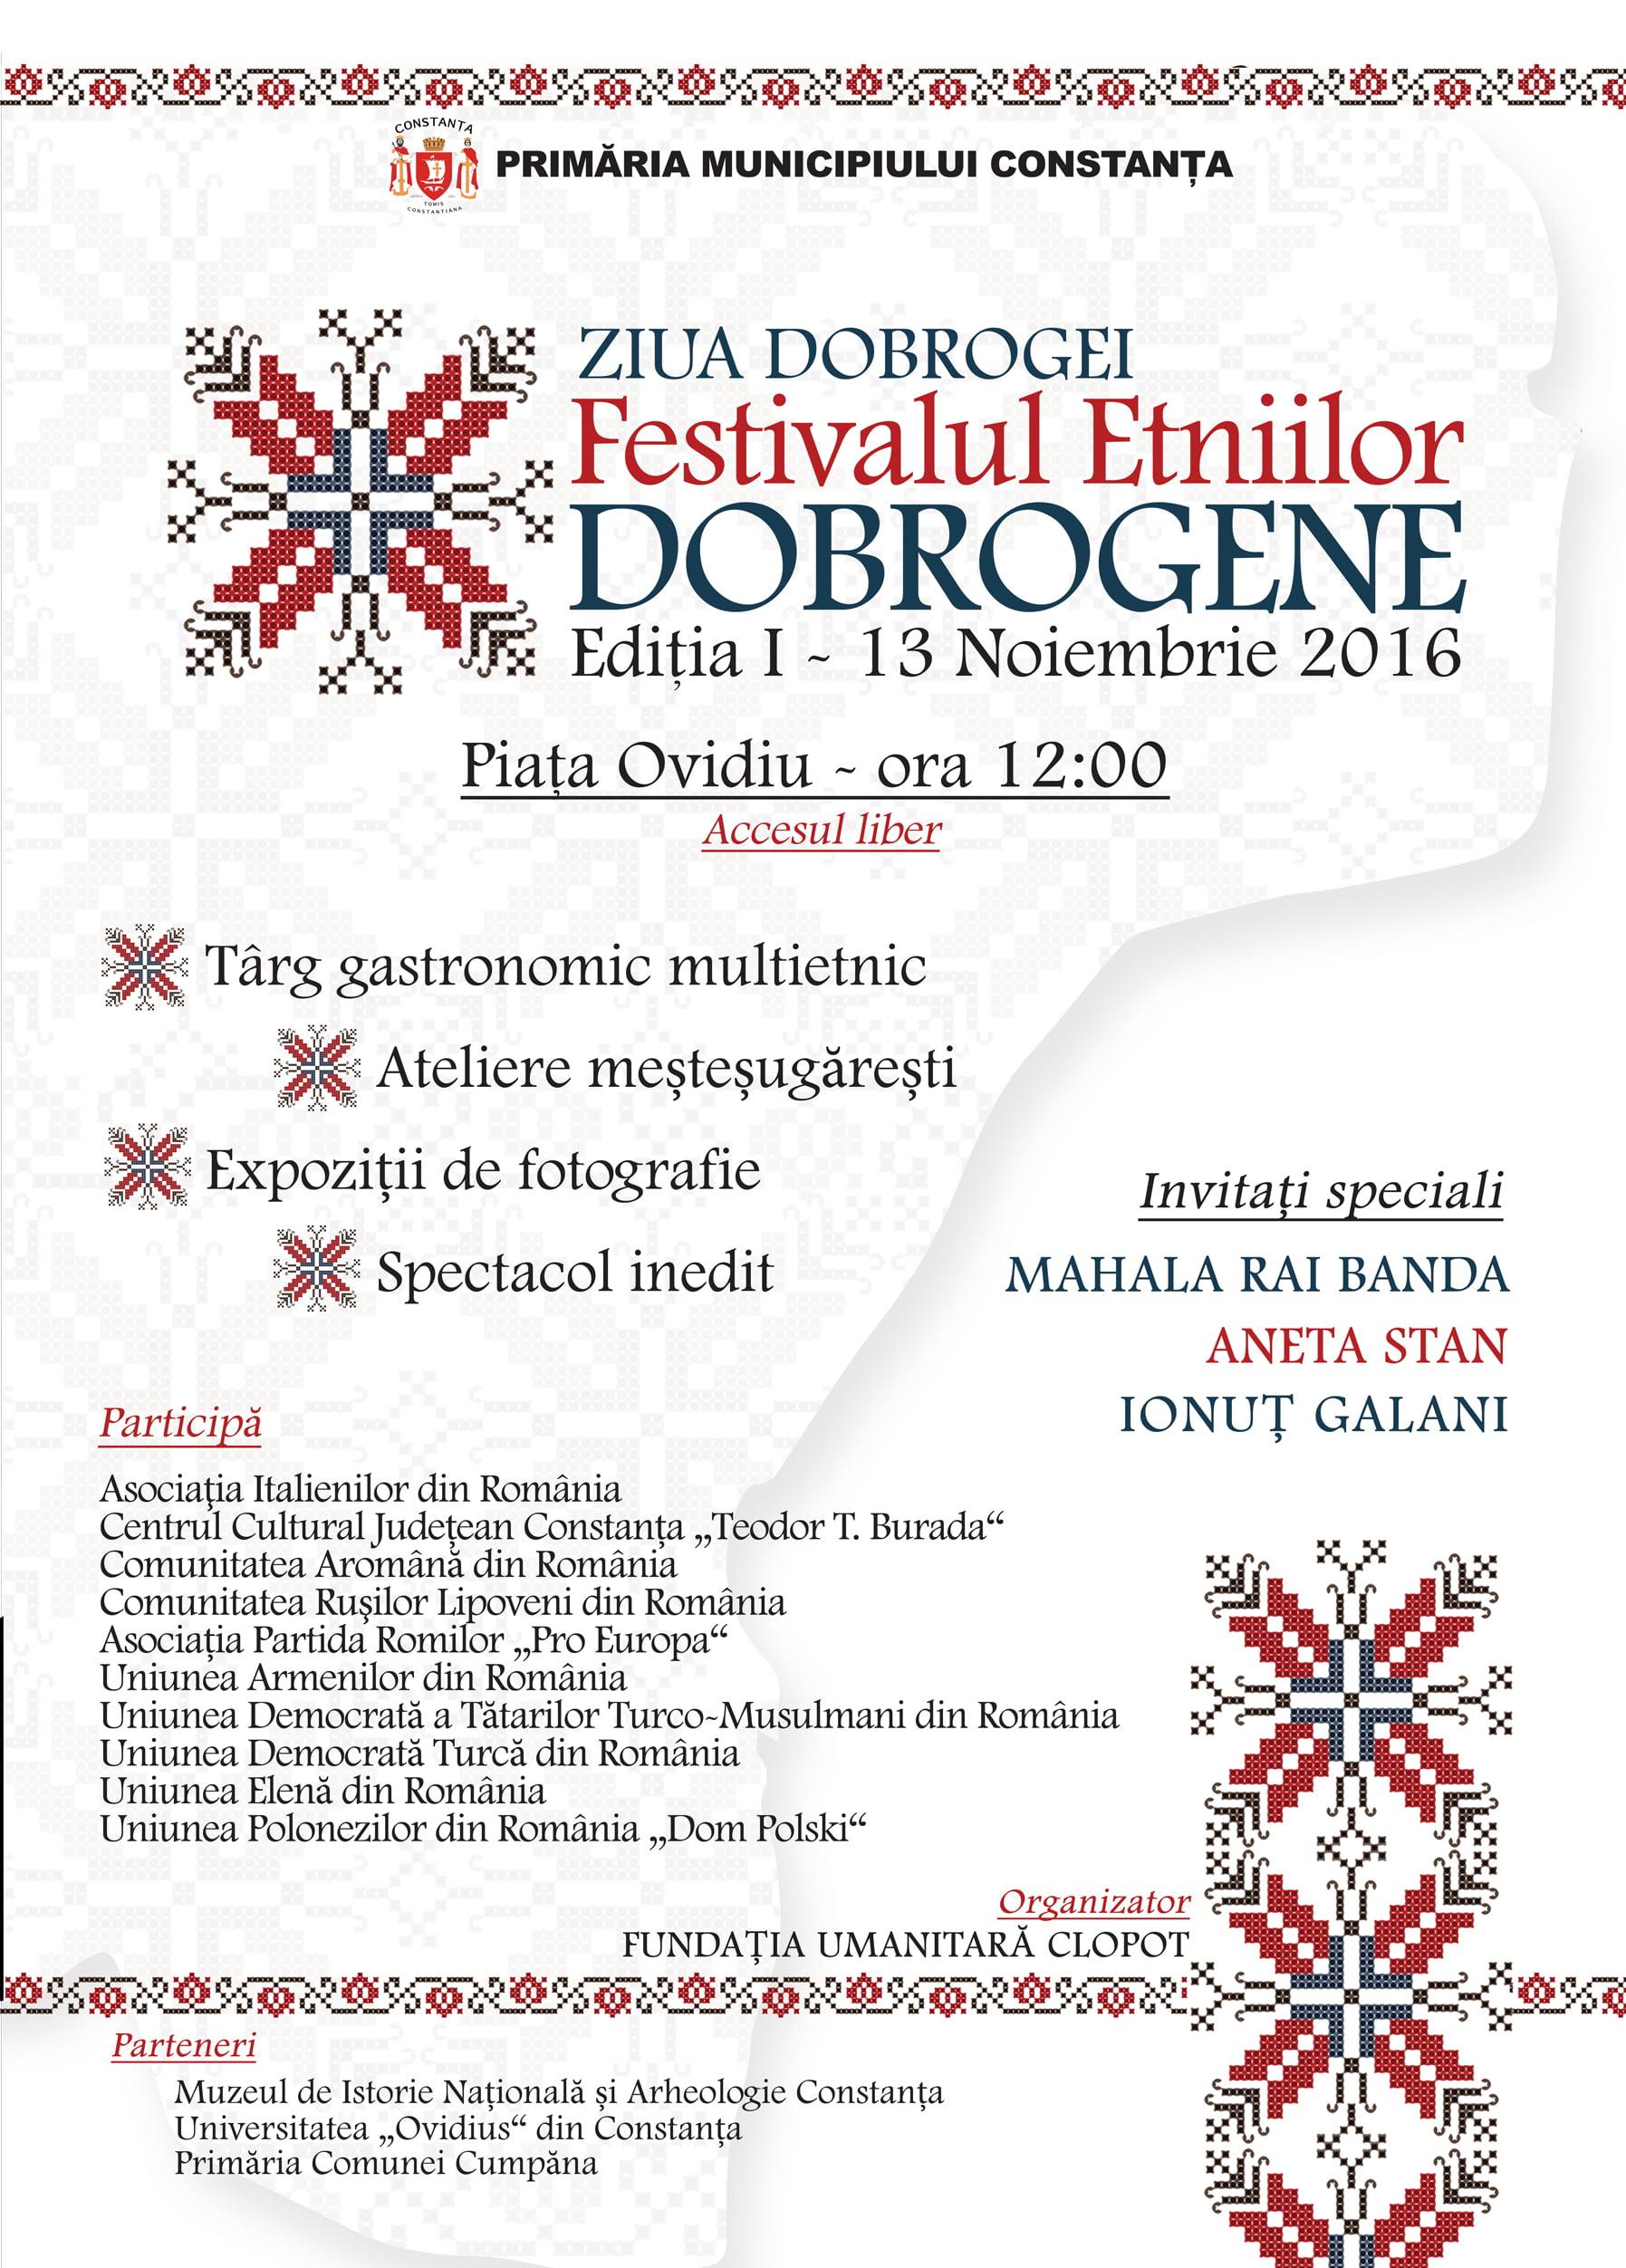 festivalul-etniilor-dobrogene